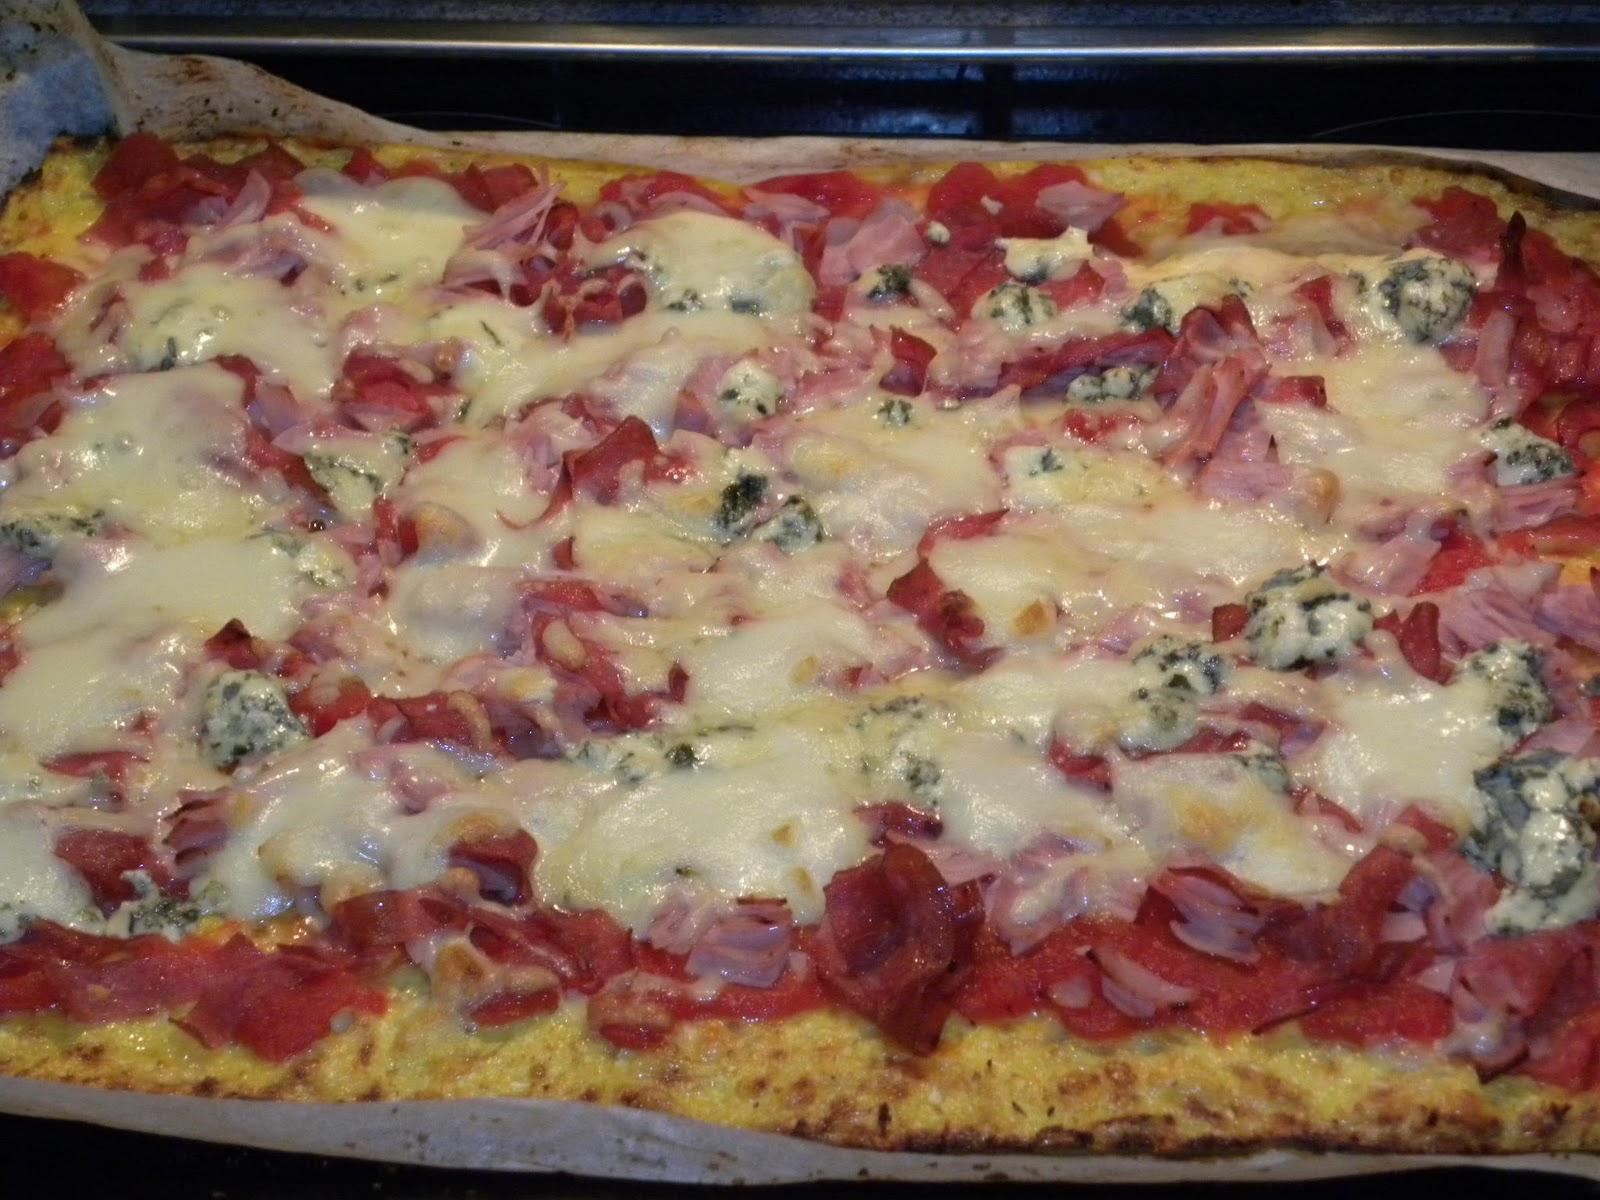 Karppi Pizza